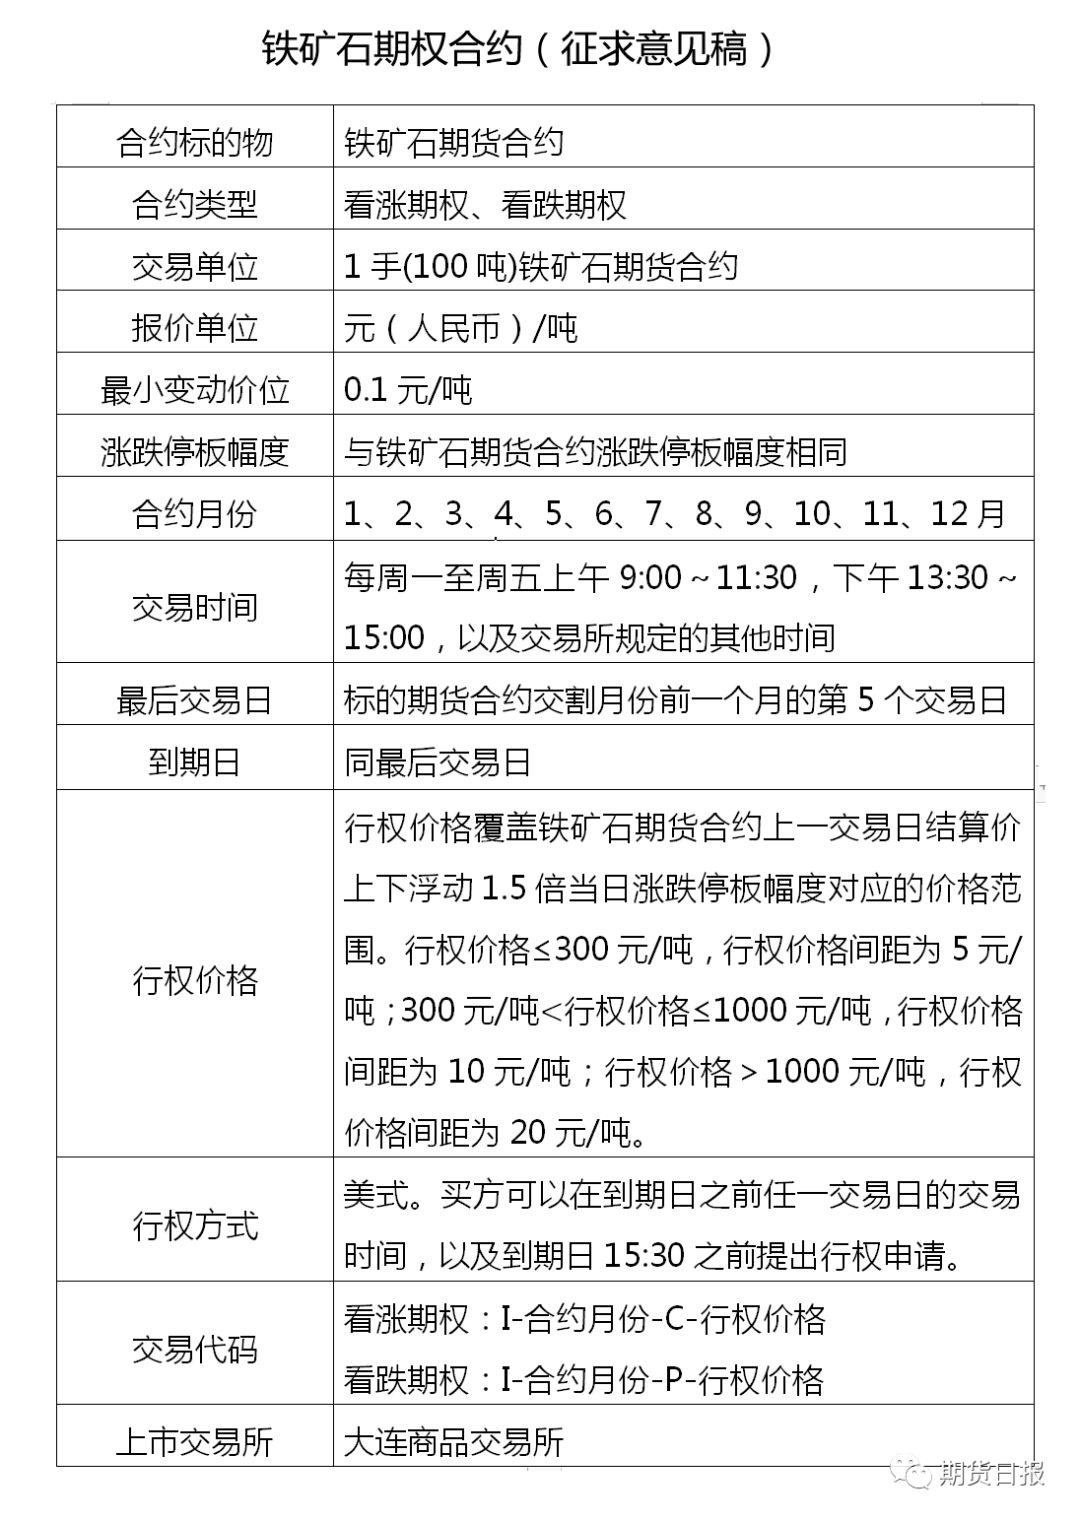 """微彩娱乐代理工资 - 中央机关遴选选调公务员开考 国税为""""用人大户"""""""